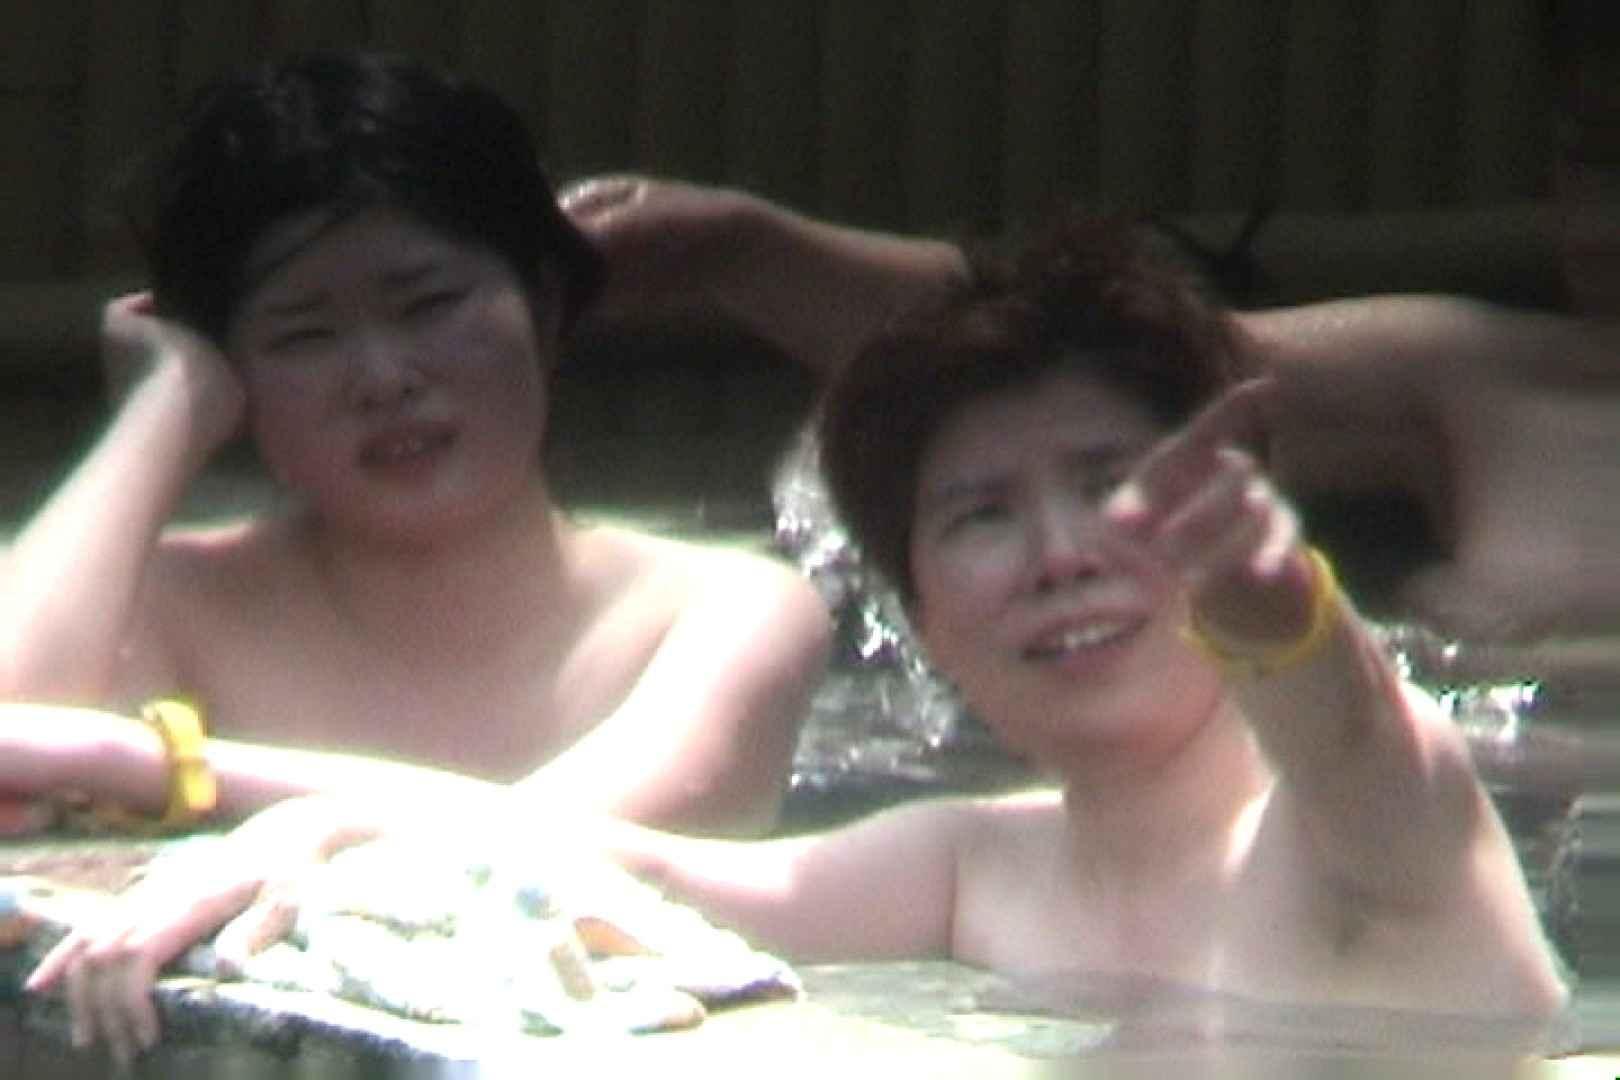 Aquaな露天風呂Vol.54【VIP限定】 盗撮シリーズ  96PIX 64